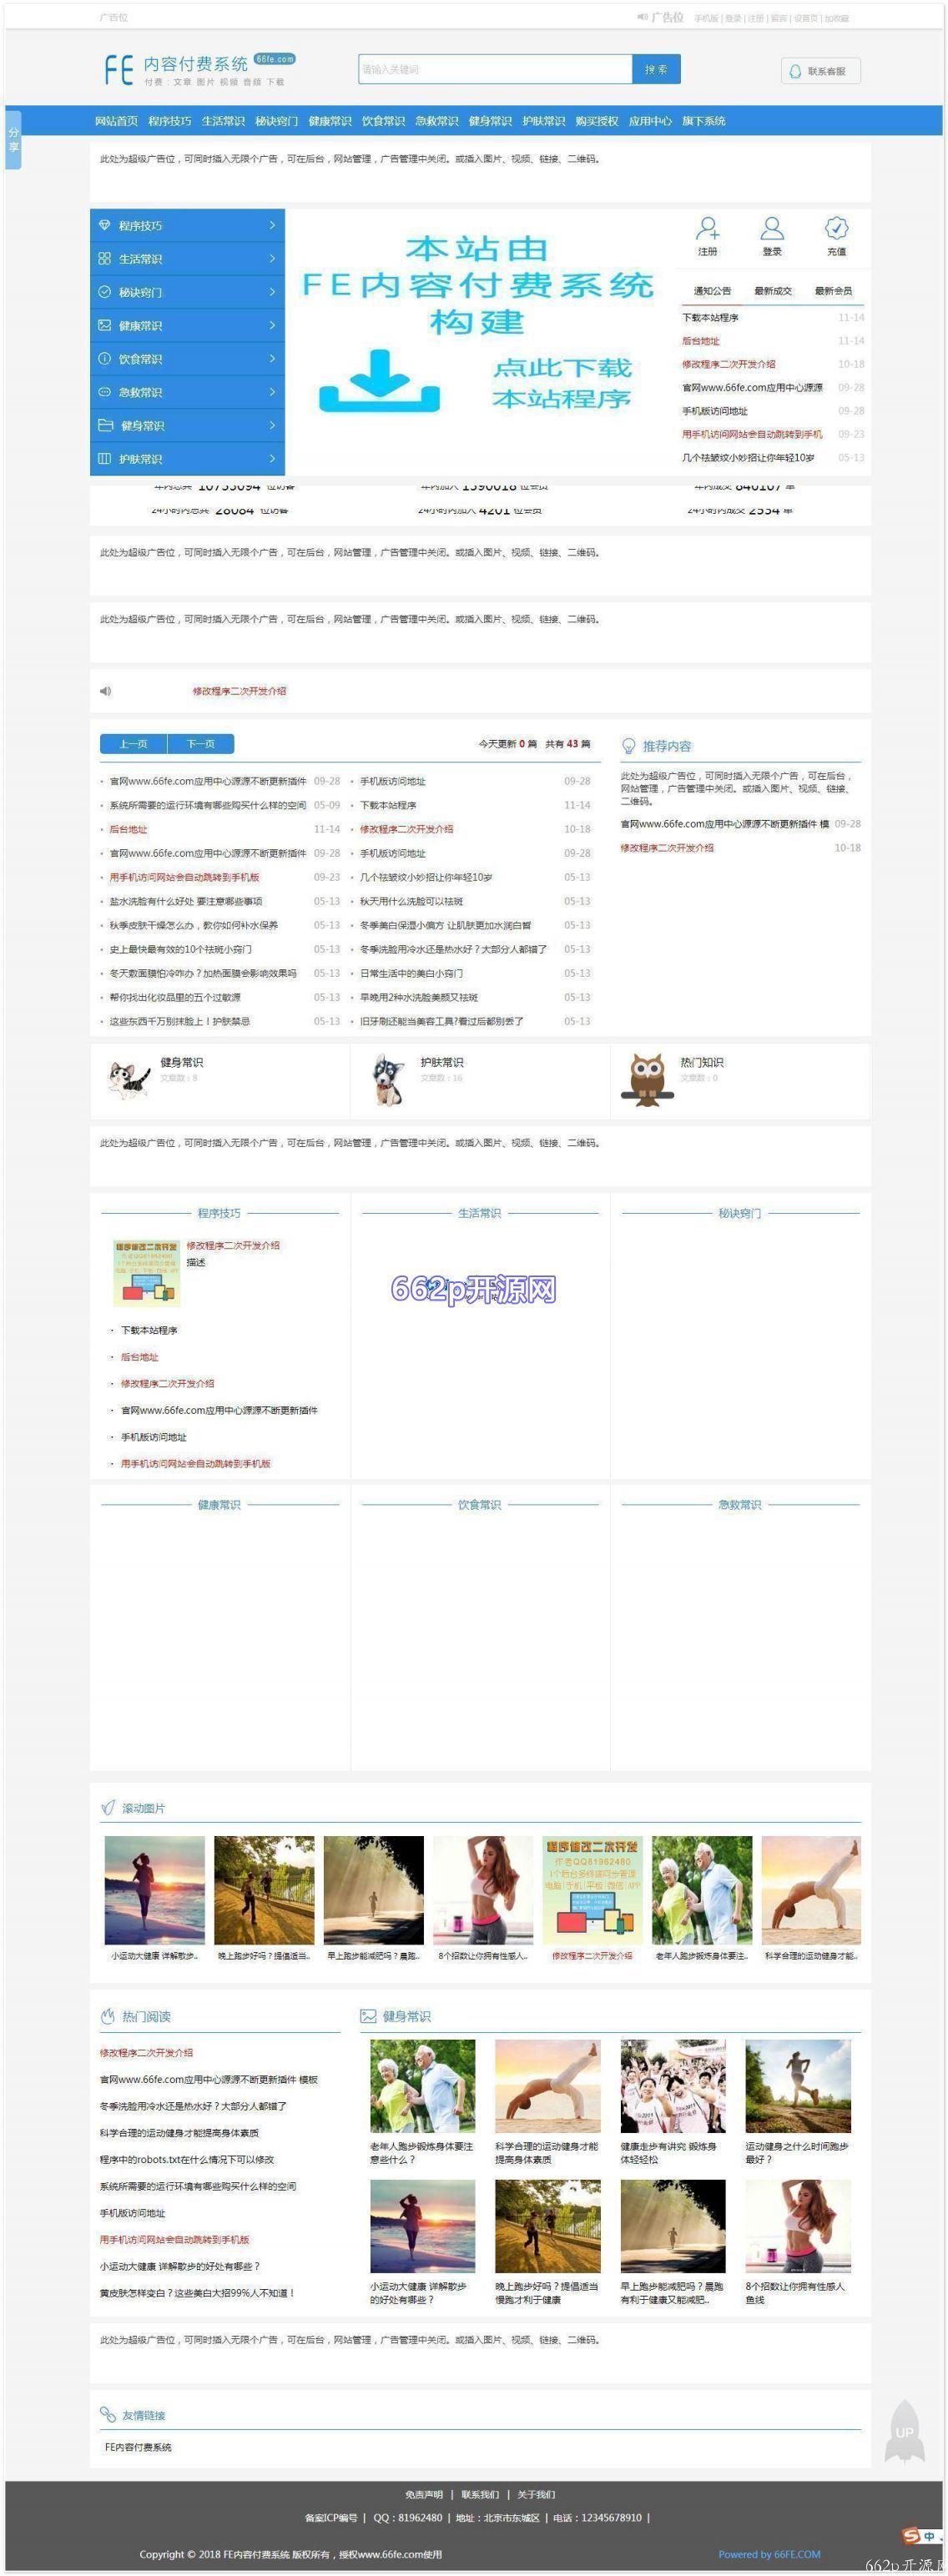 FE内容付费系统响应式(带手机版)